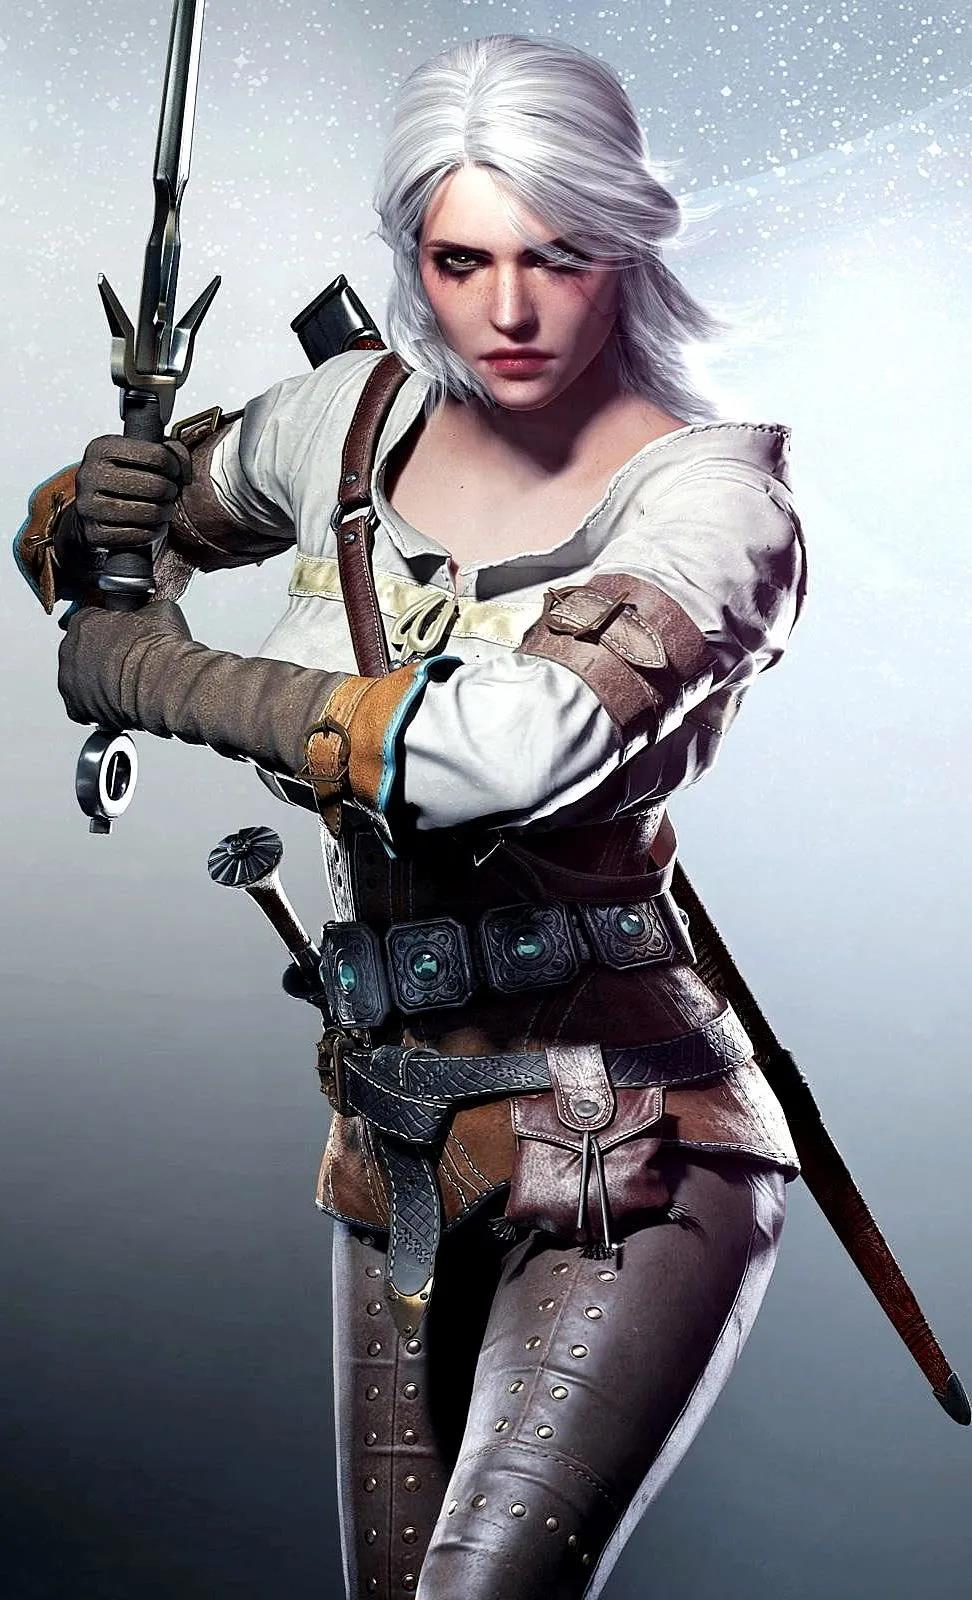 脸部参考《巫师3:狂猎》里的女主角希里 - 瑞云渲染